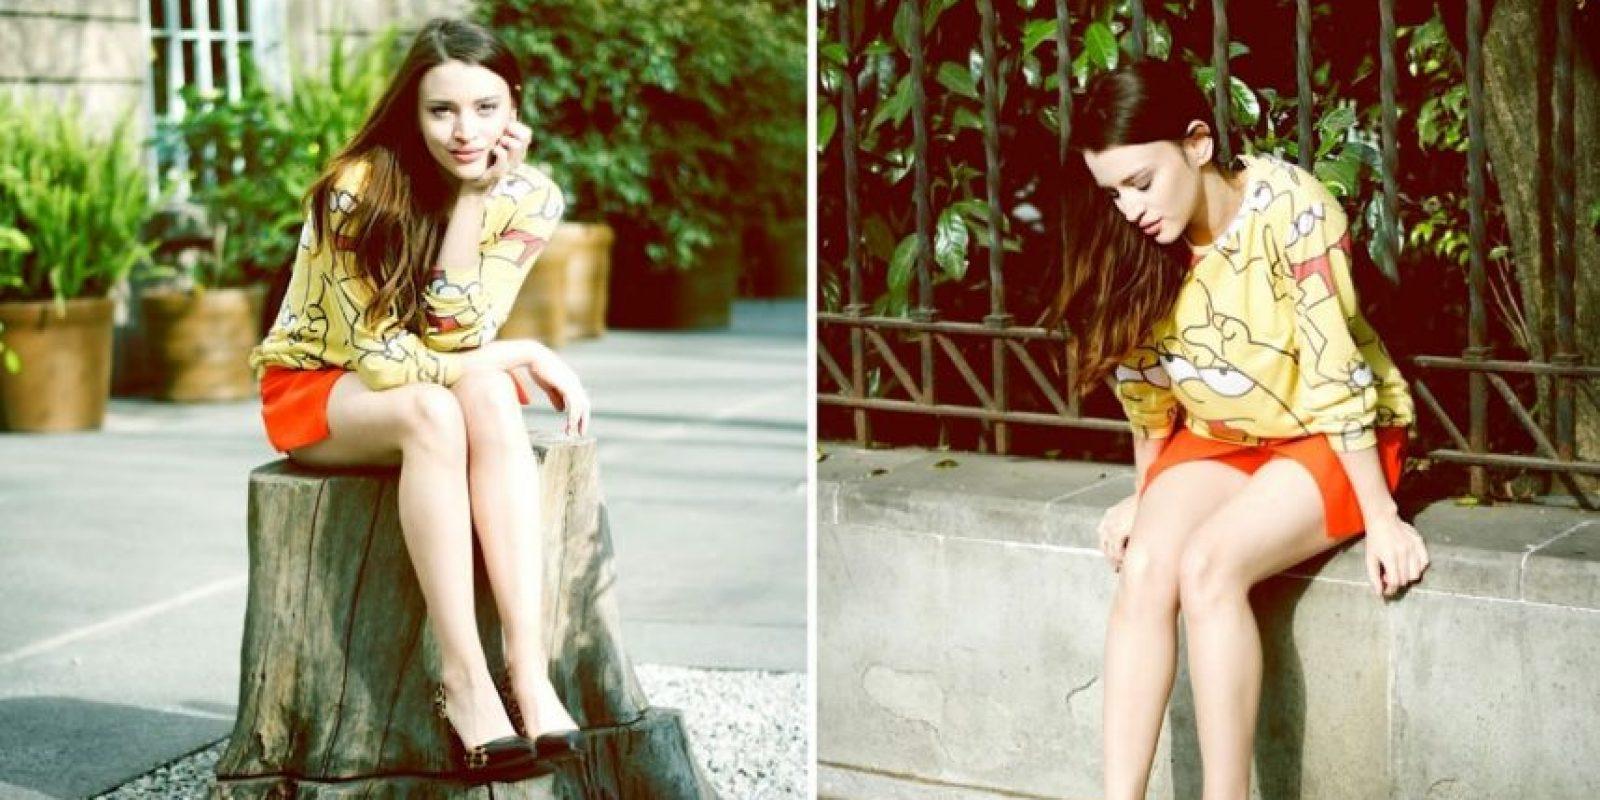 Afirma que lucir moda no se trata de marcas sino de actitud y personalidad. Foto:Miss Monroe